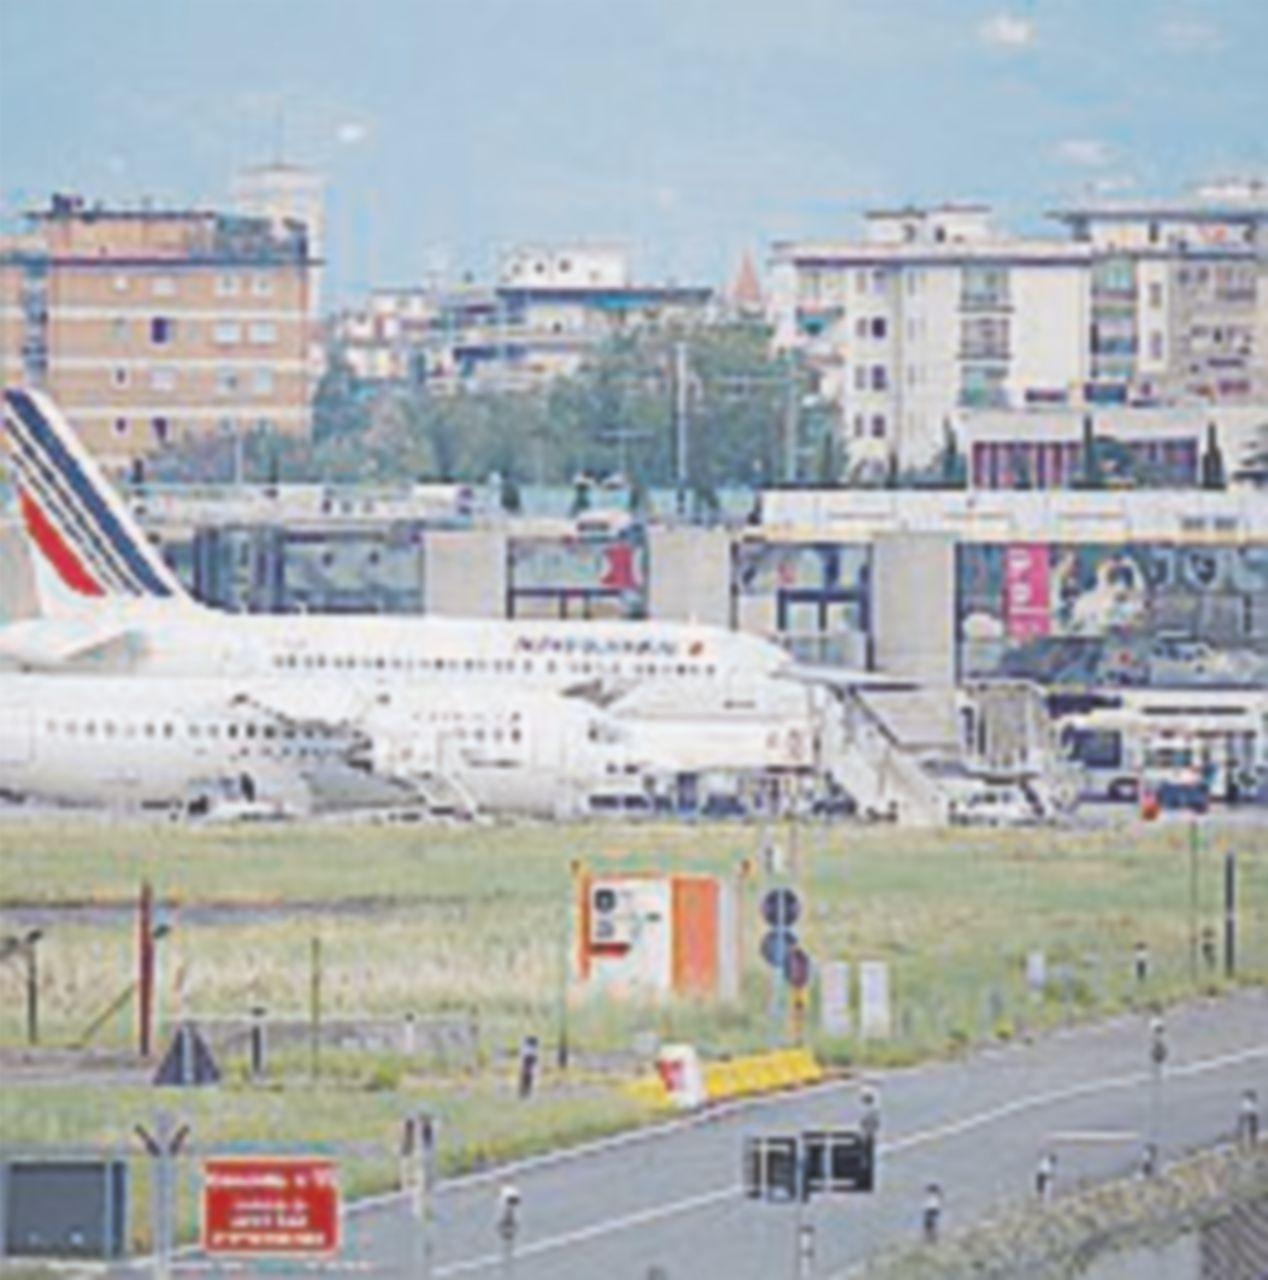 Un Osservatorio per l'aeroporto caro a Renzi: esclusi i contrari